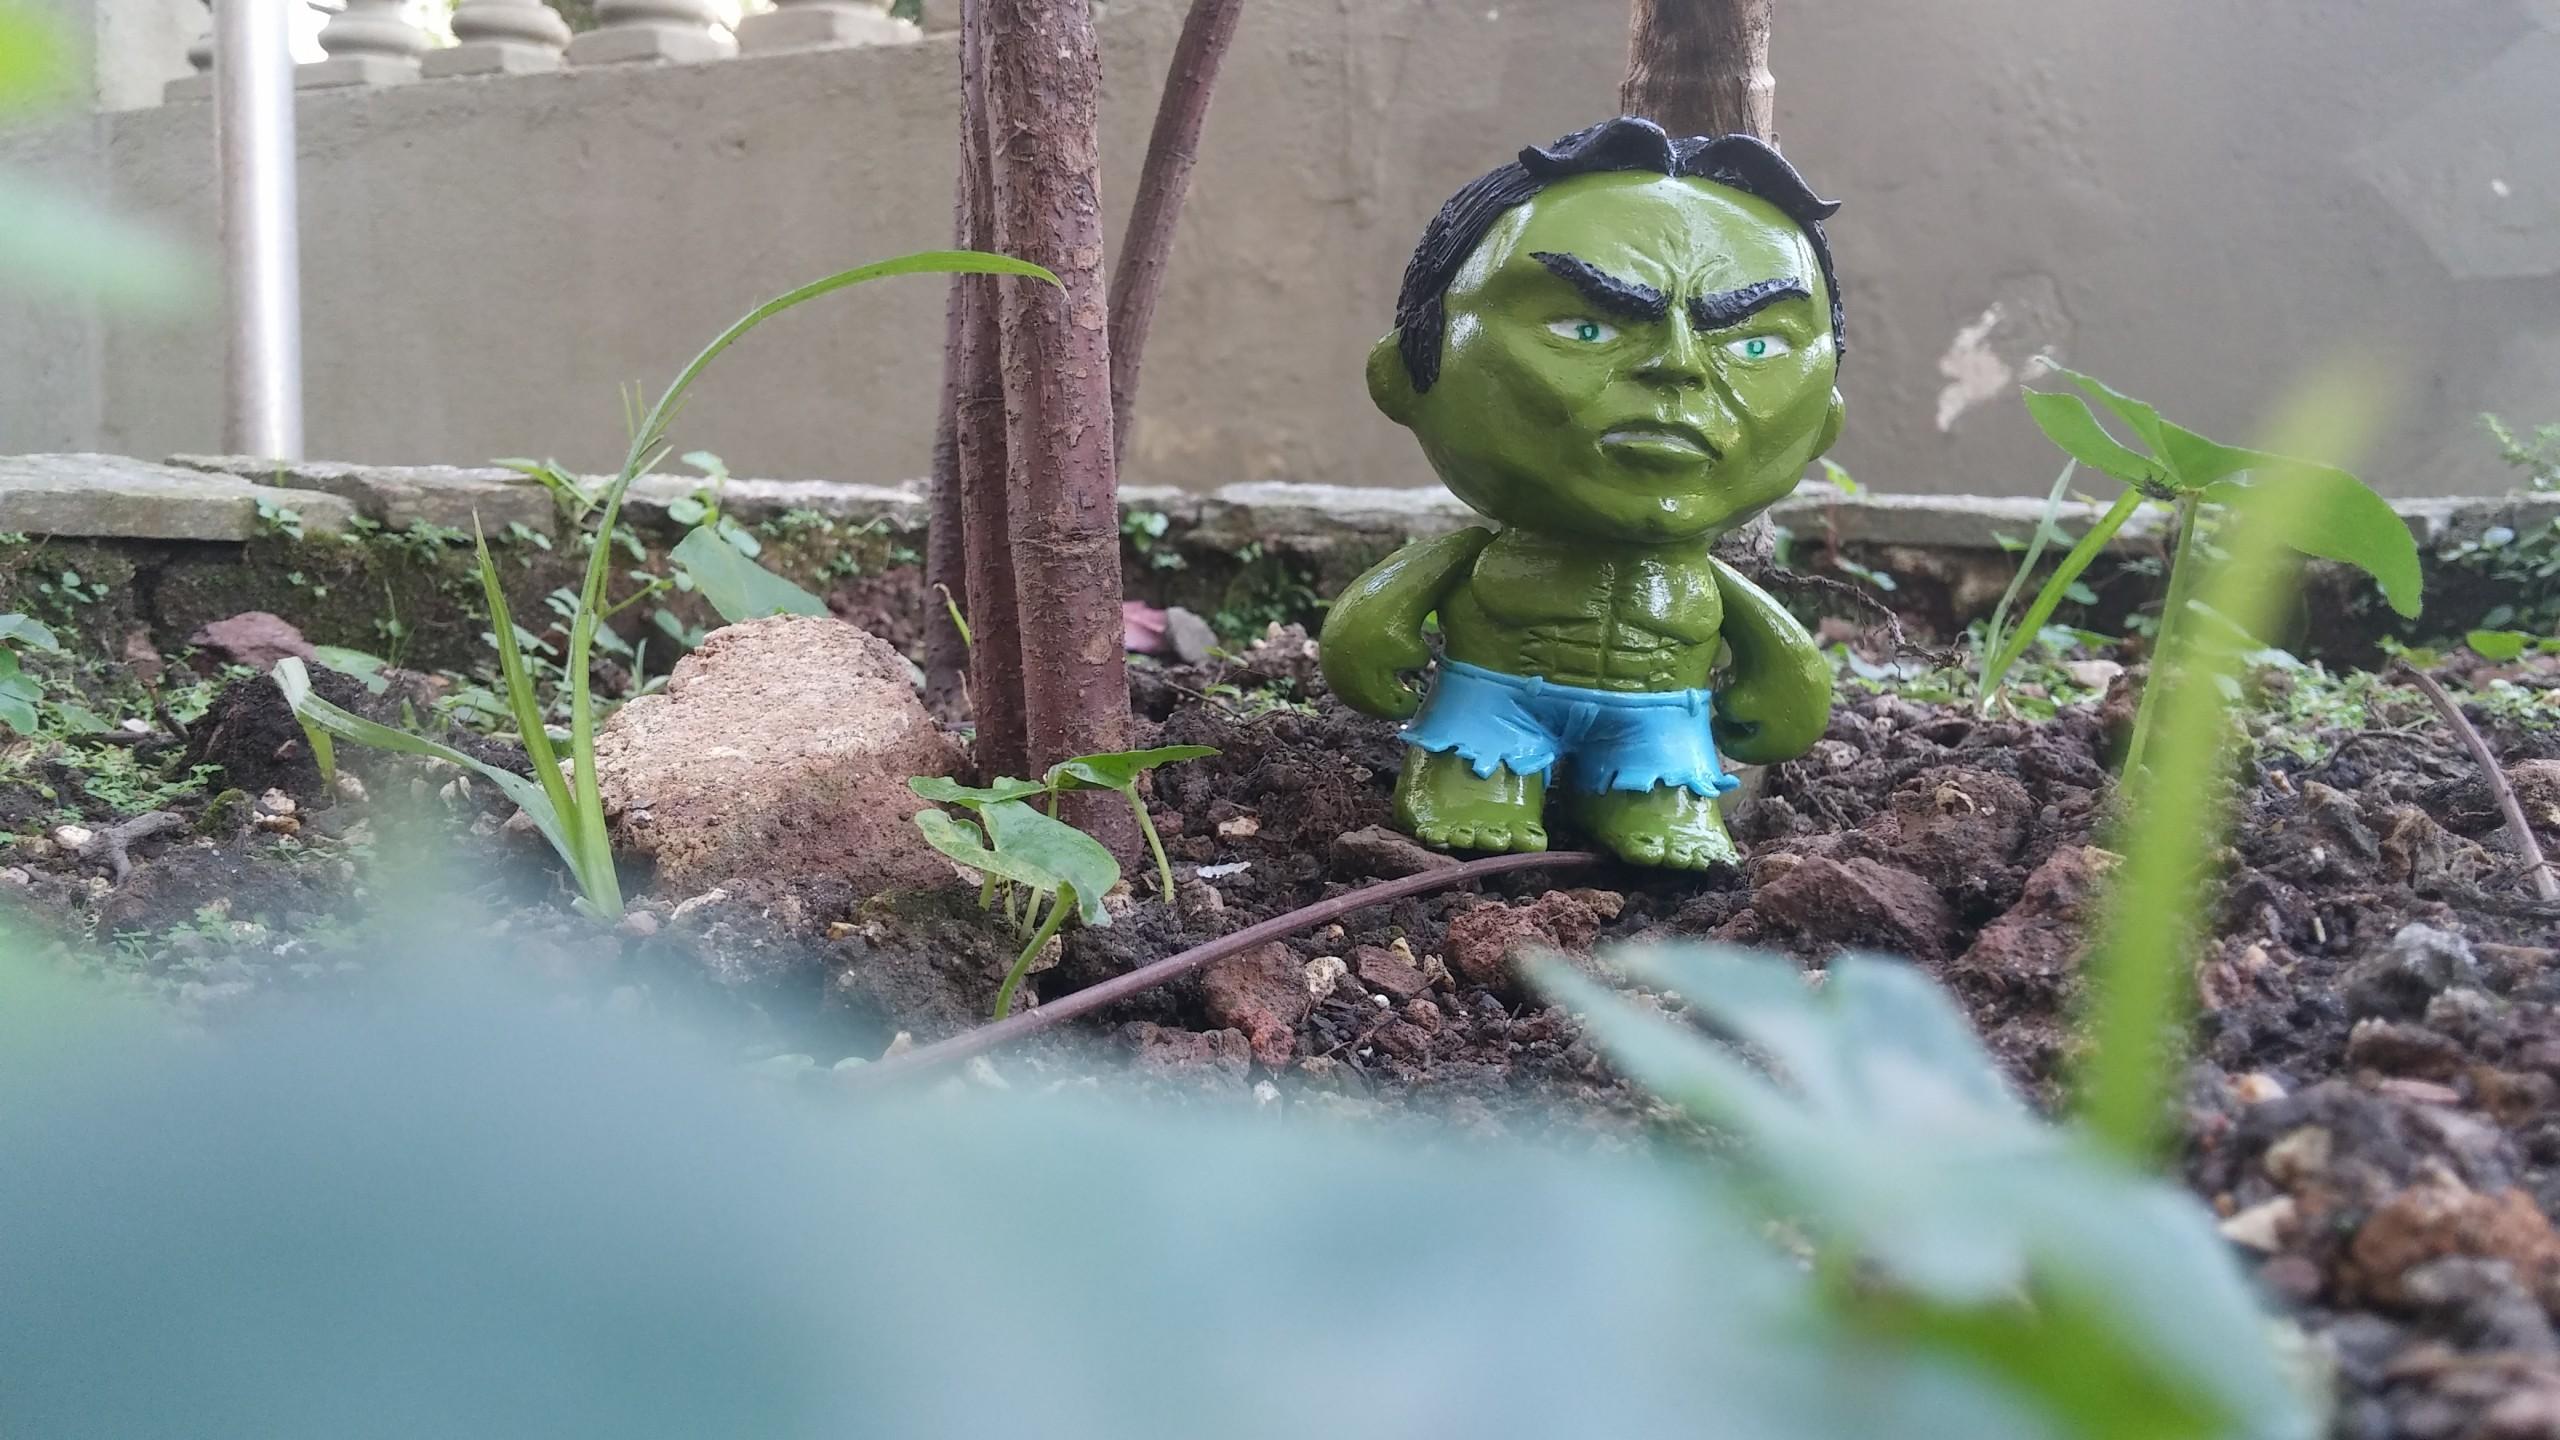 Toy Art Hulk de Biscuit